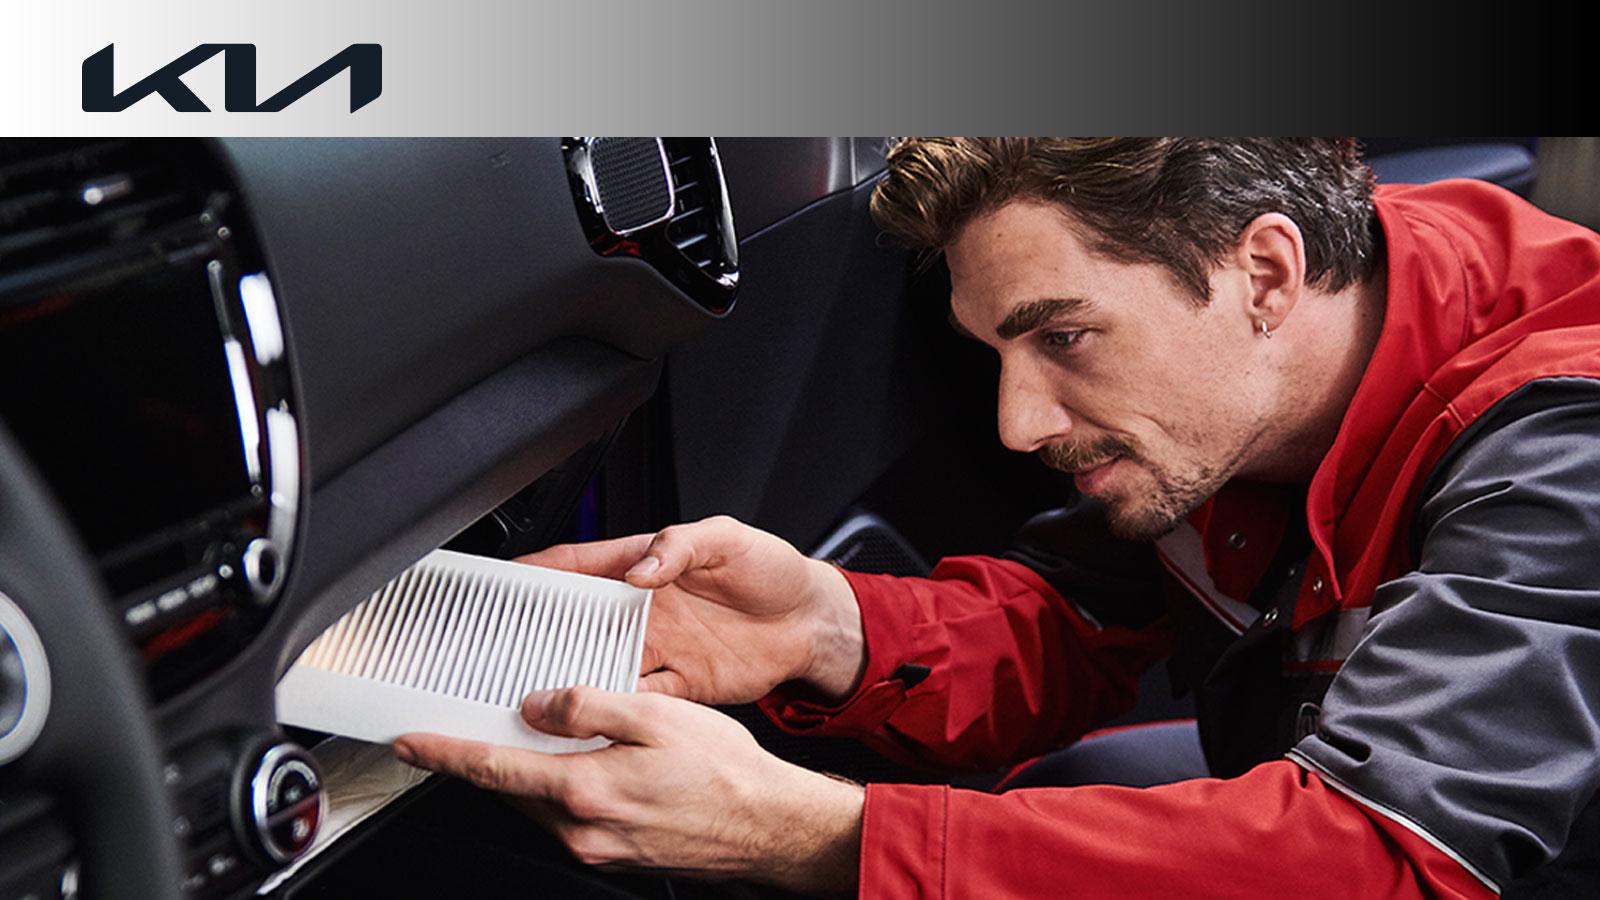 Αfter Sales Kia, γνήσια ανταλλακτικά & αναλώσιμα αυτοκινήτου με την σφραγίδα ποιότητας της Kia. Υψηλής ποιότητας, αξιόπιστα, ανθεκτικά. Φίλτρα, μπαταρίες, τακάκια, δισκόπλακες, μάκτρα.